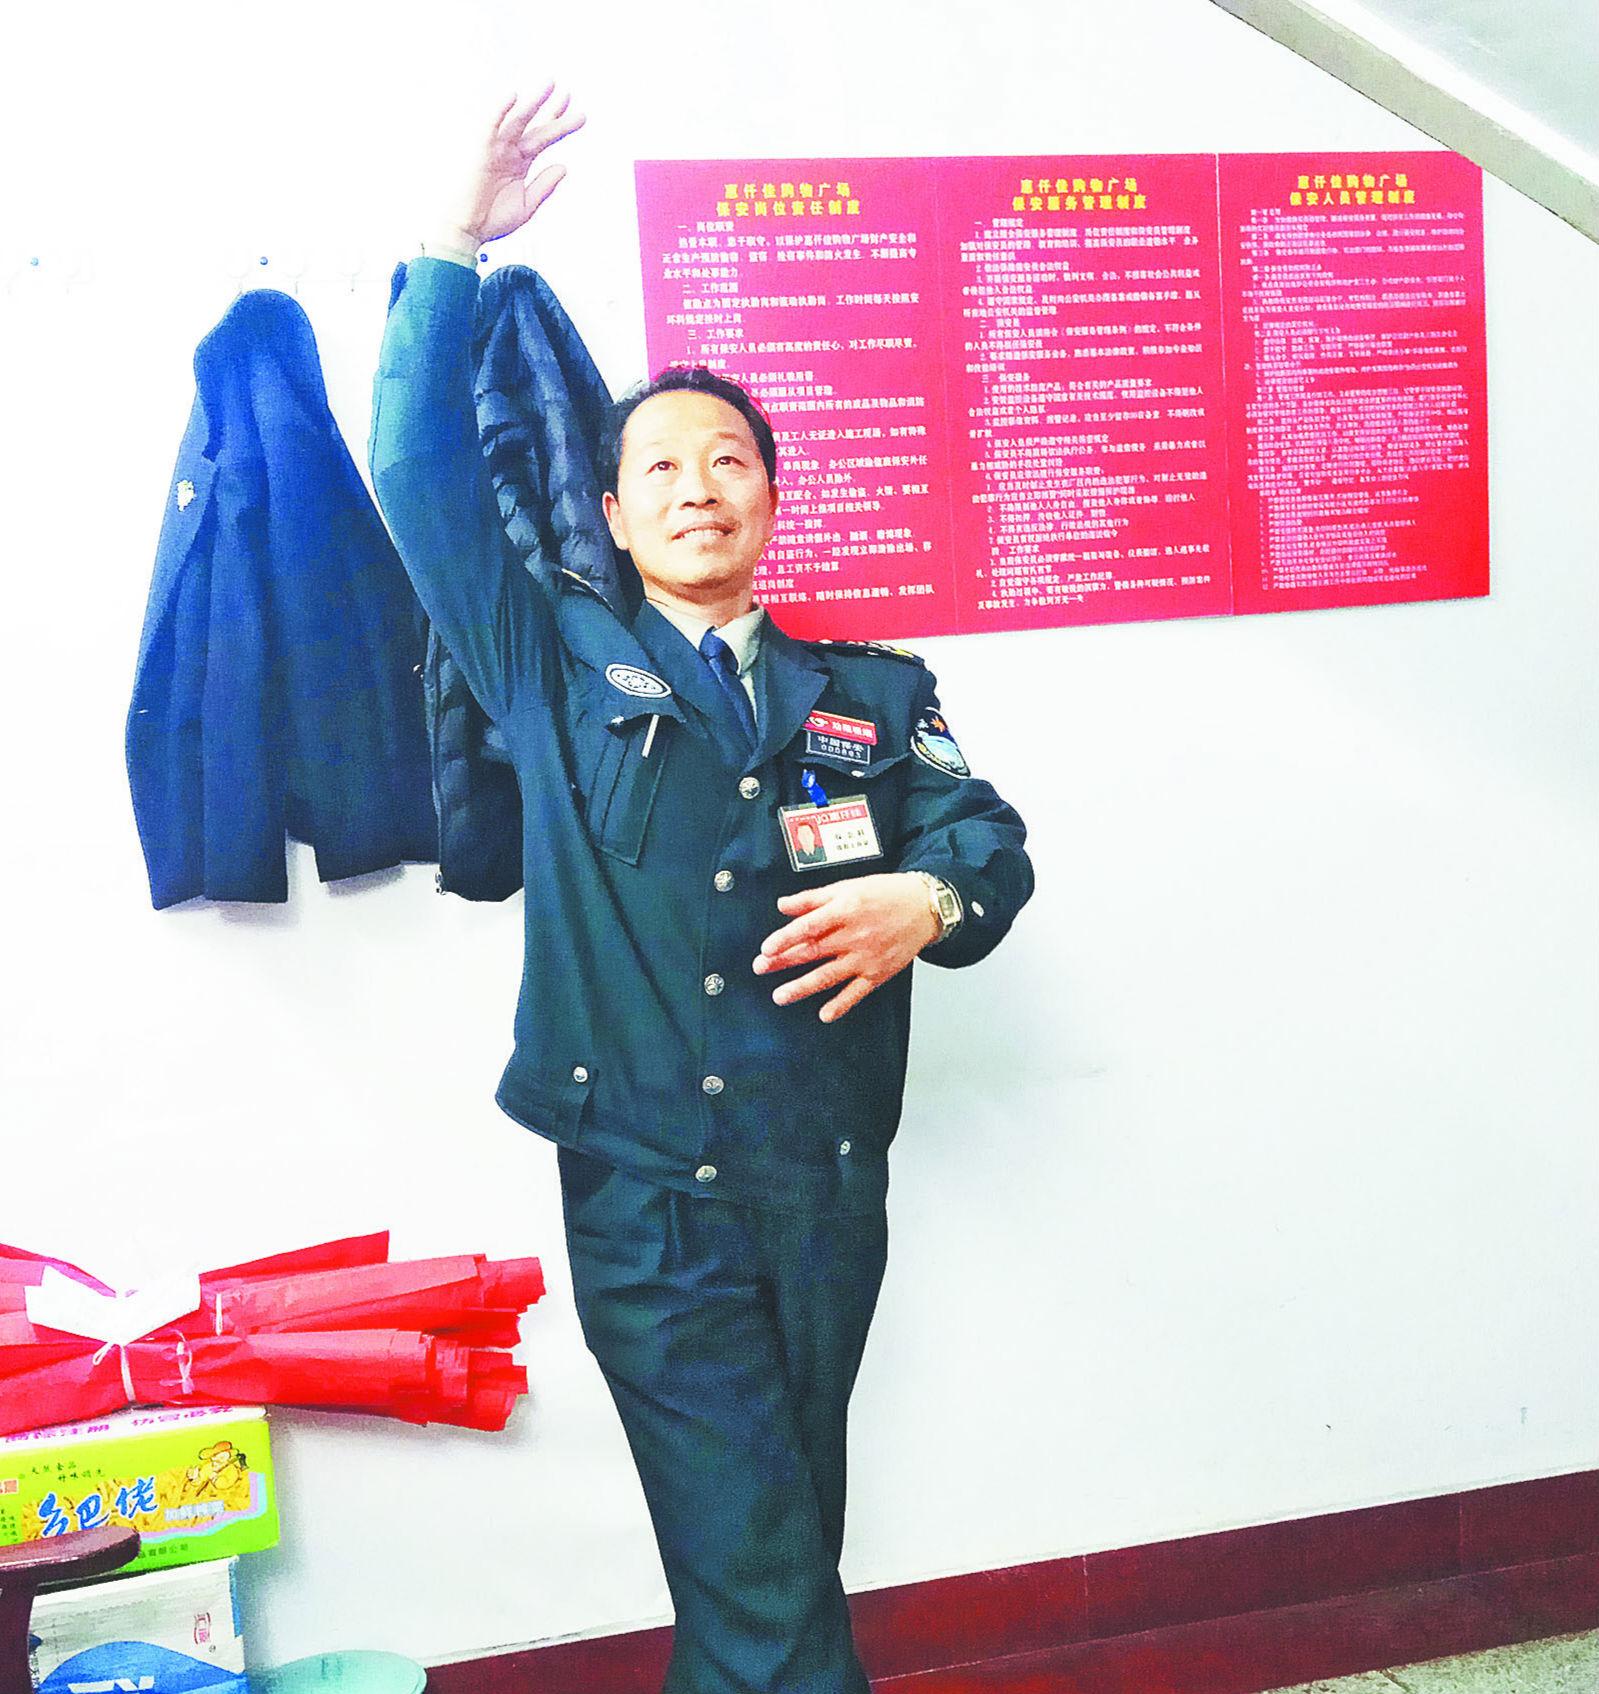 跳舞30多年 桓台保安大叔舞技刷爆朋友圈